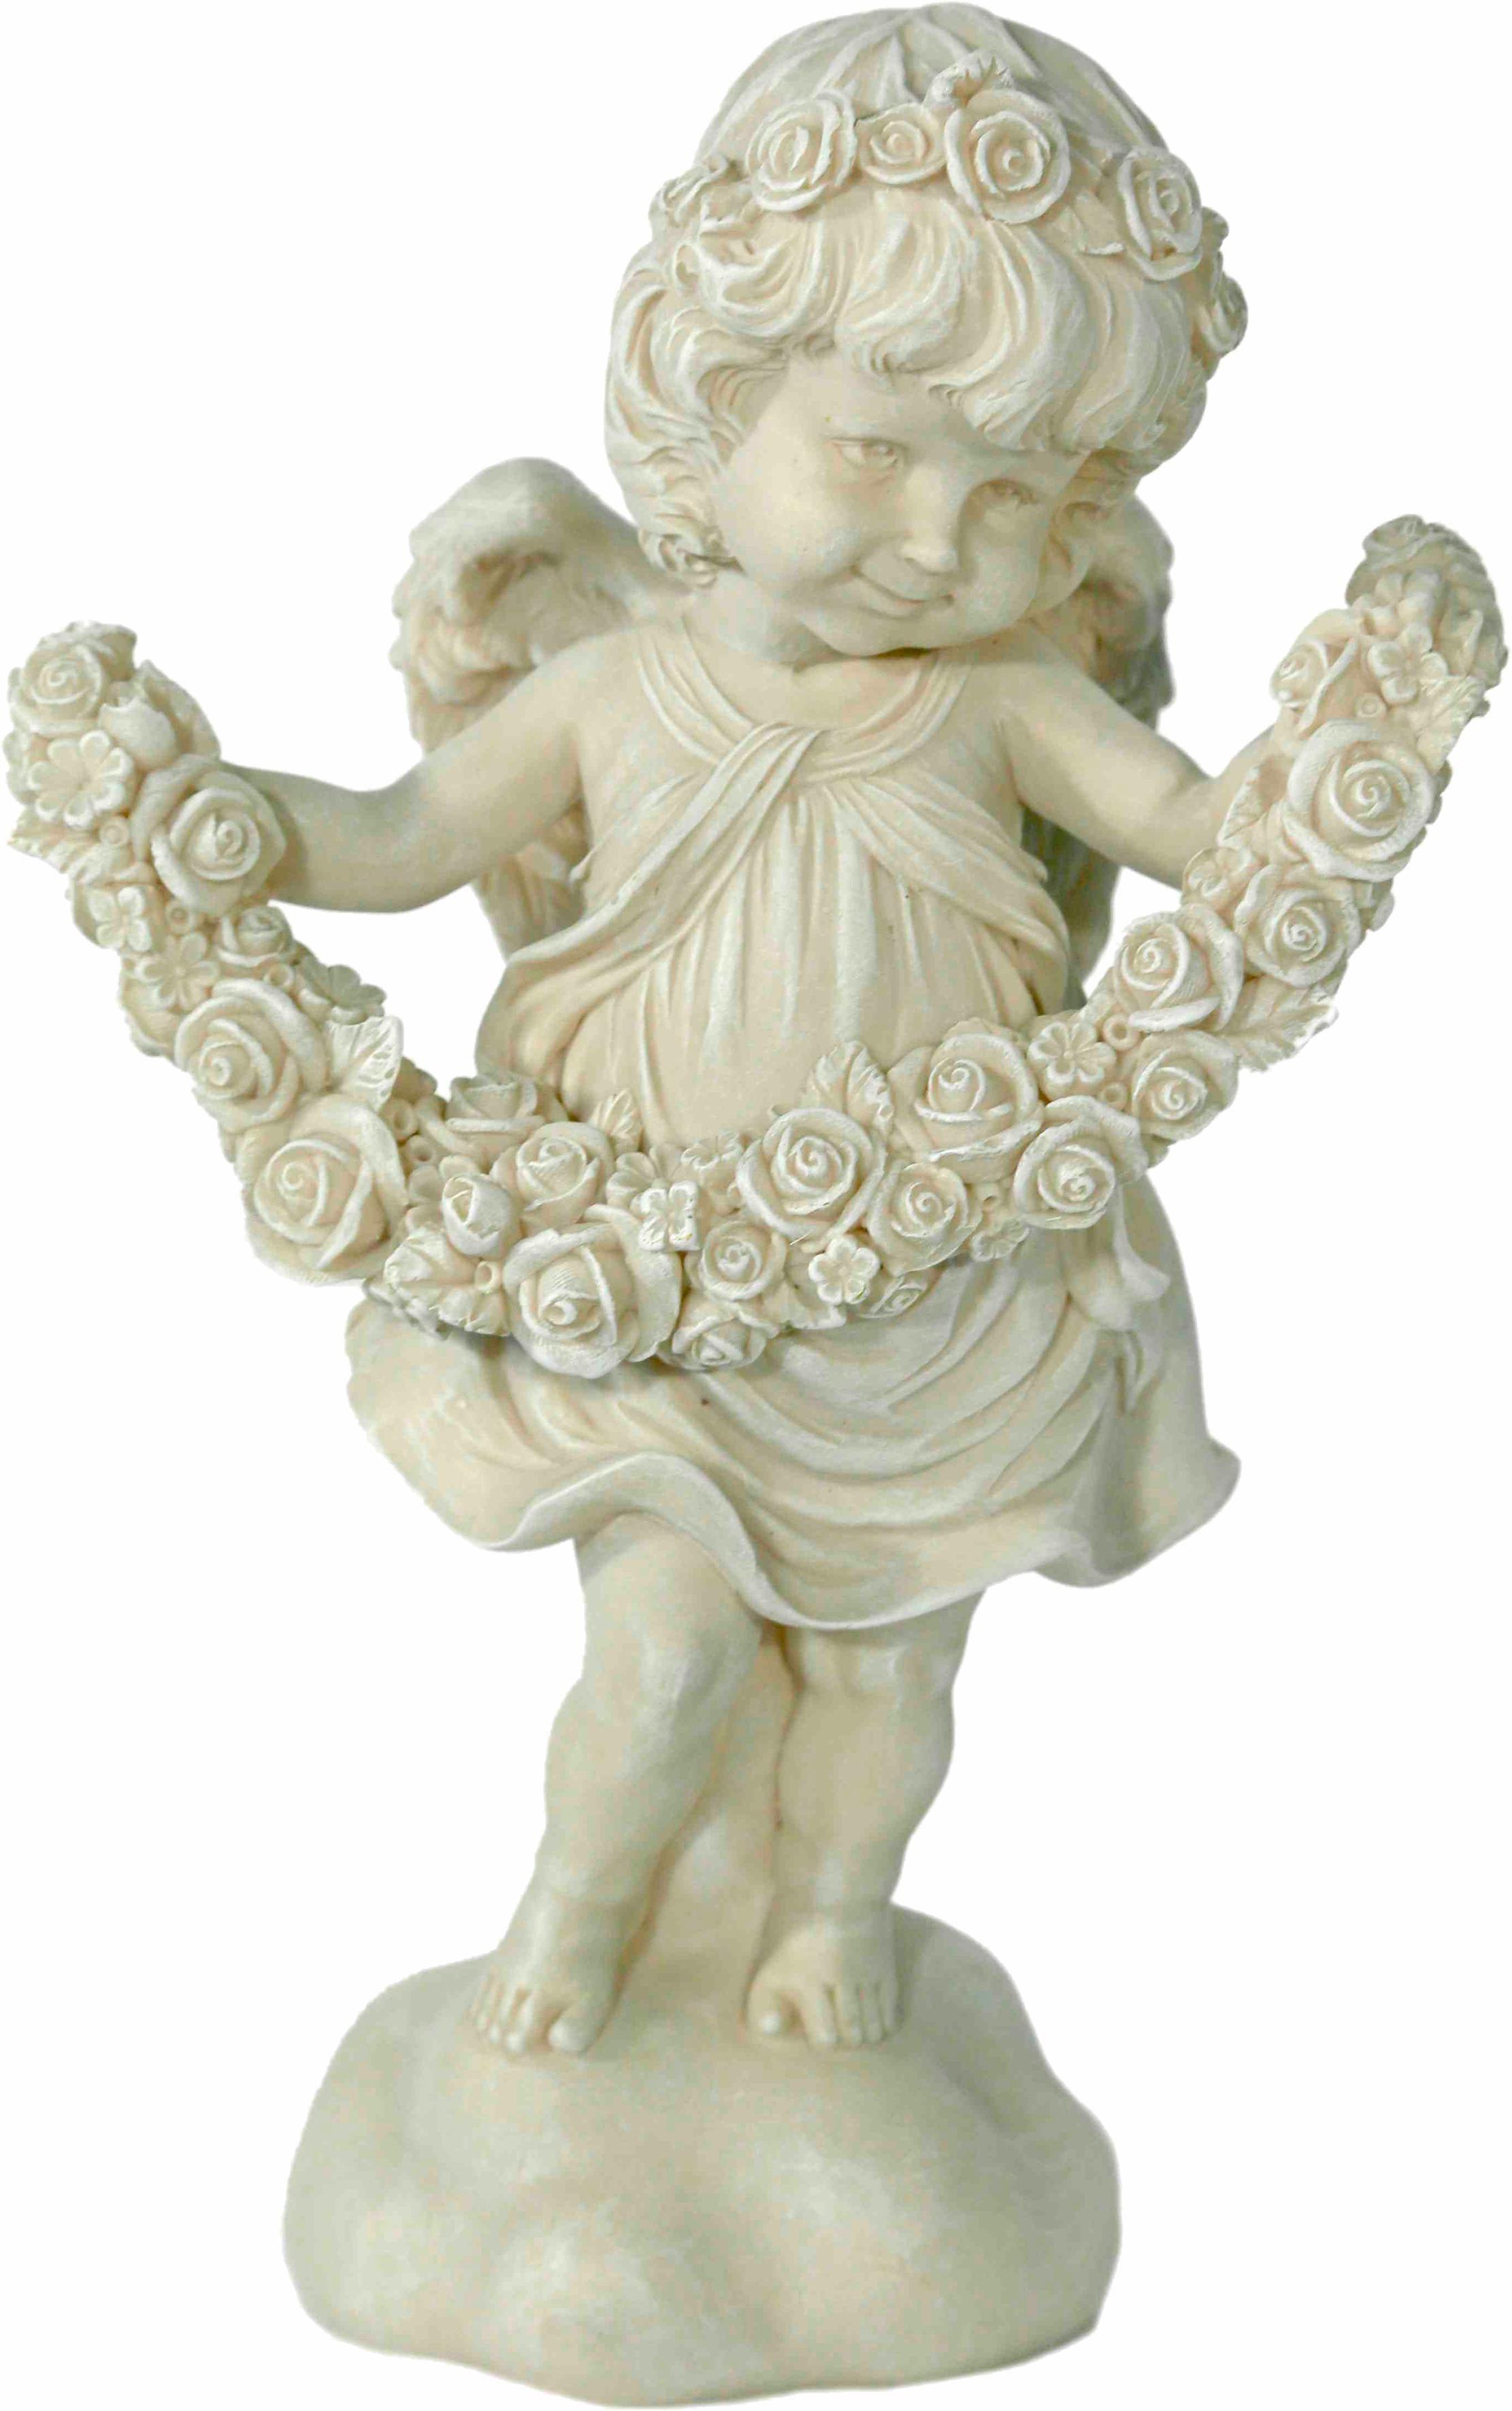 Home affaire Dekofigur »Engel stehend mit Rosengirlande, antik weiß«